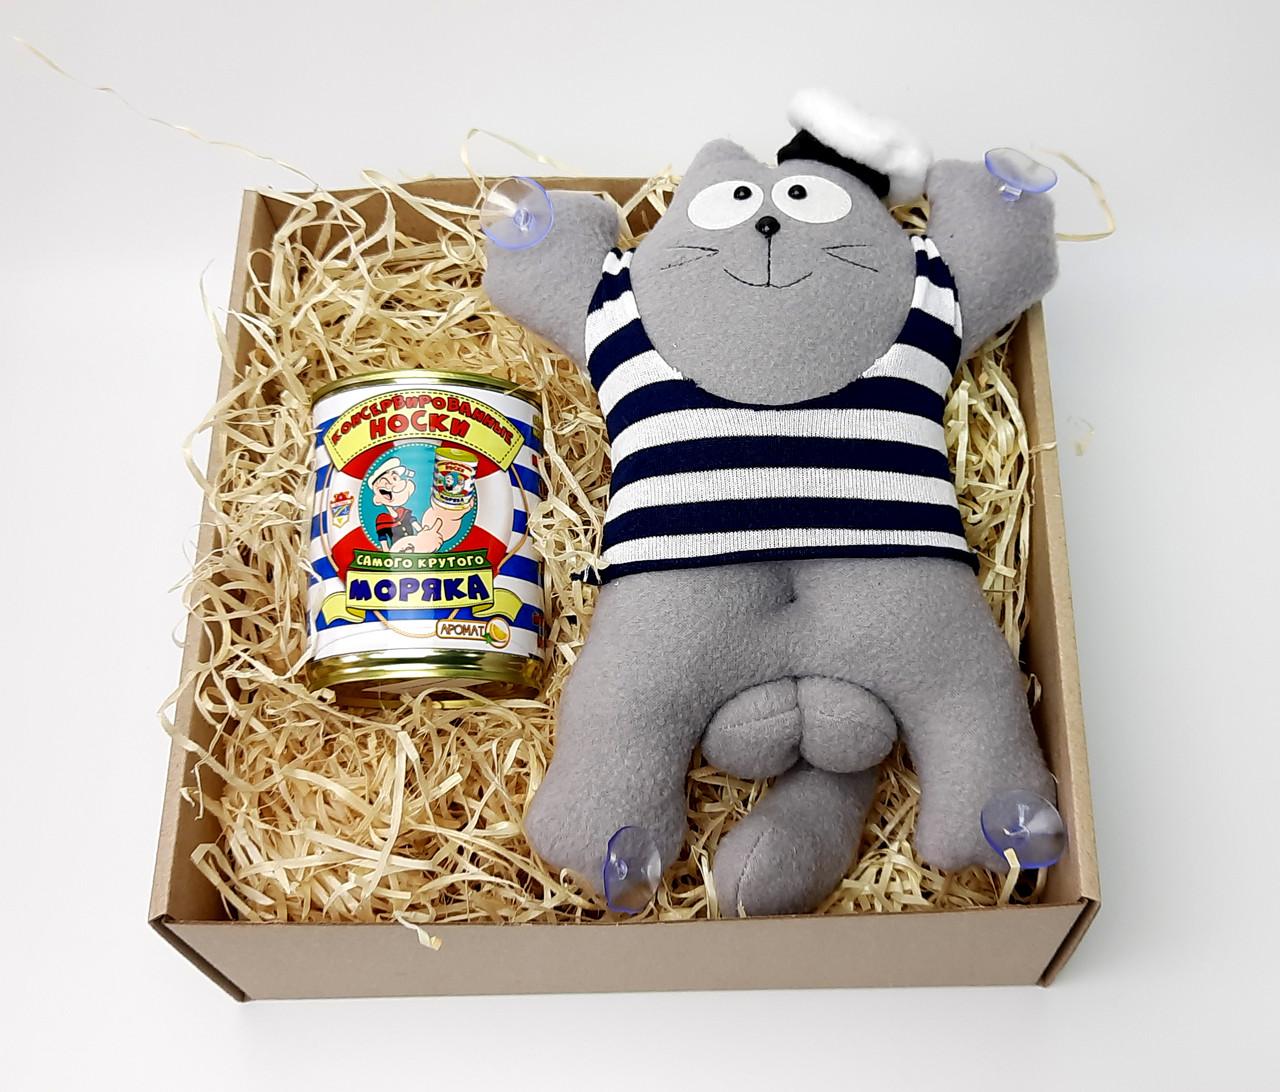 Подарочный набор моряку: Кот Саймон Моряк на присосках и консервированные носки самого крутого моряка